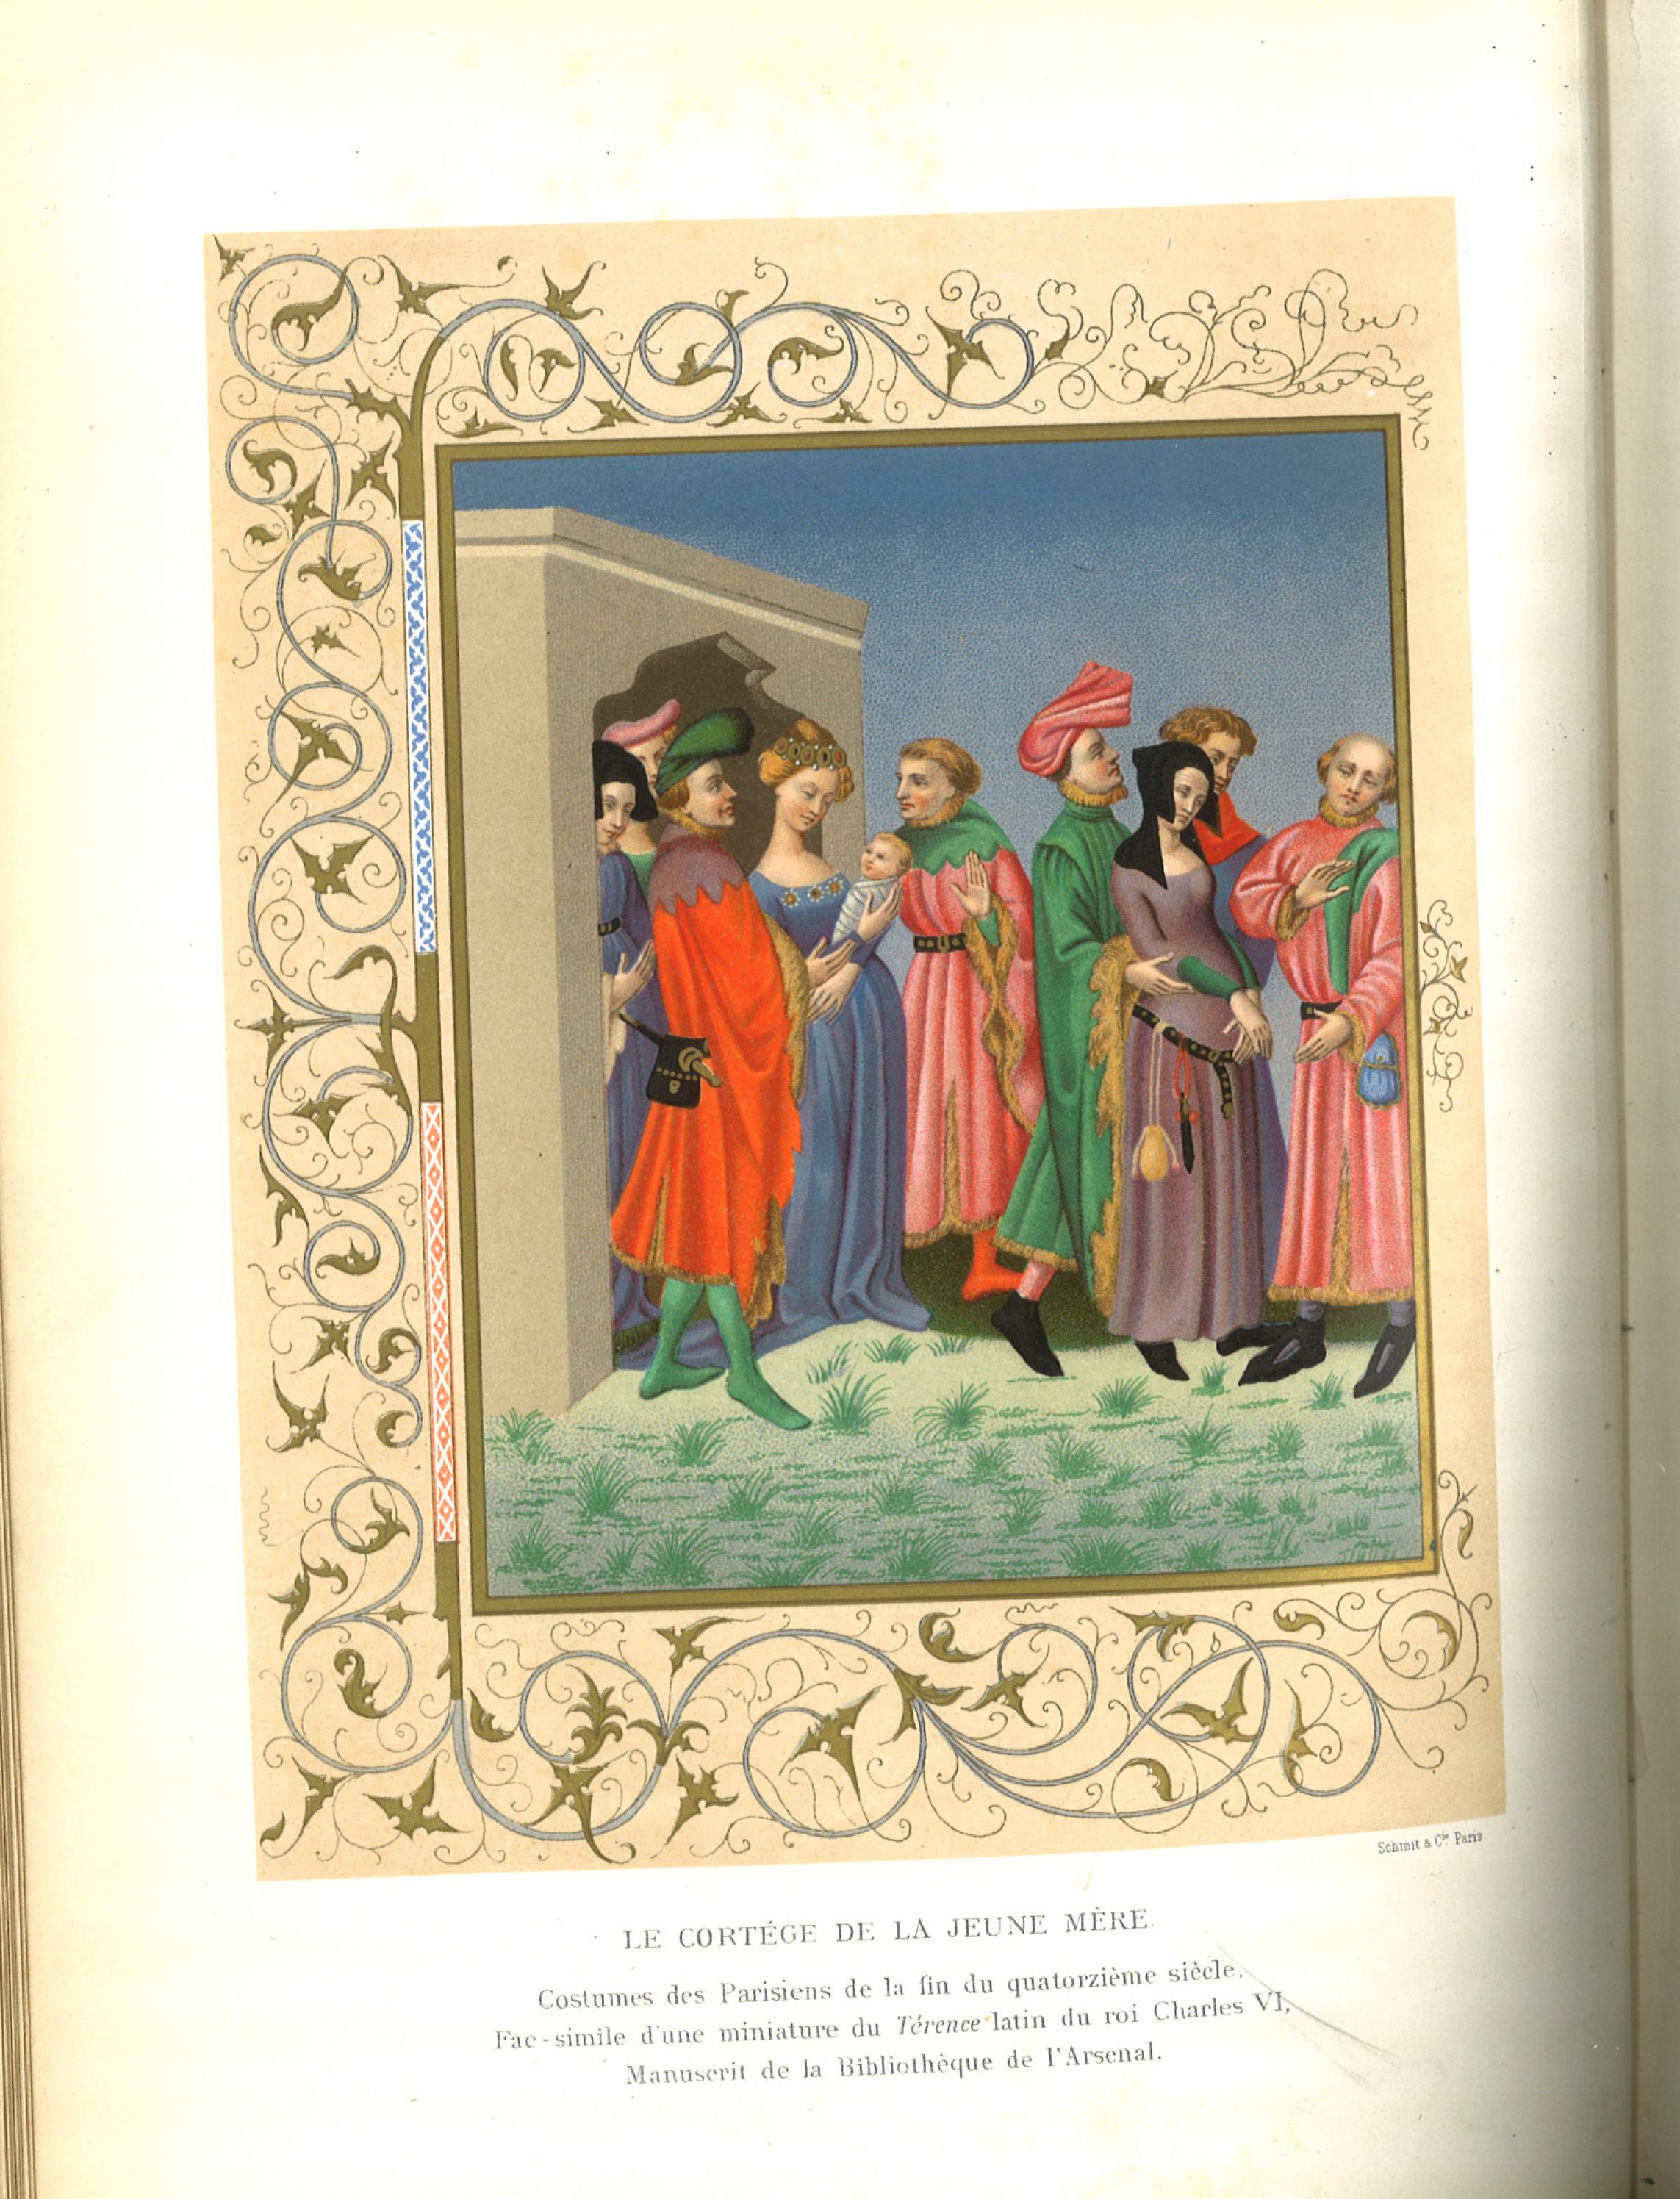 Paul Lacroix,  Le Cortege de la Jeune Mere , plate from Moeurs, usages et costumes au moyen âge et à l'époque de la renaissance,1871, BCU Library Treasures.